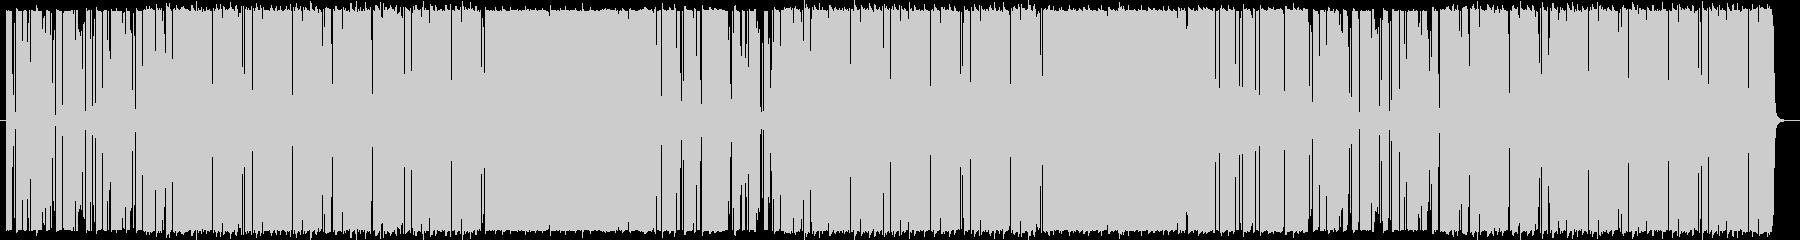 爽やかギターカッティングのポップロックの未再生の波形